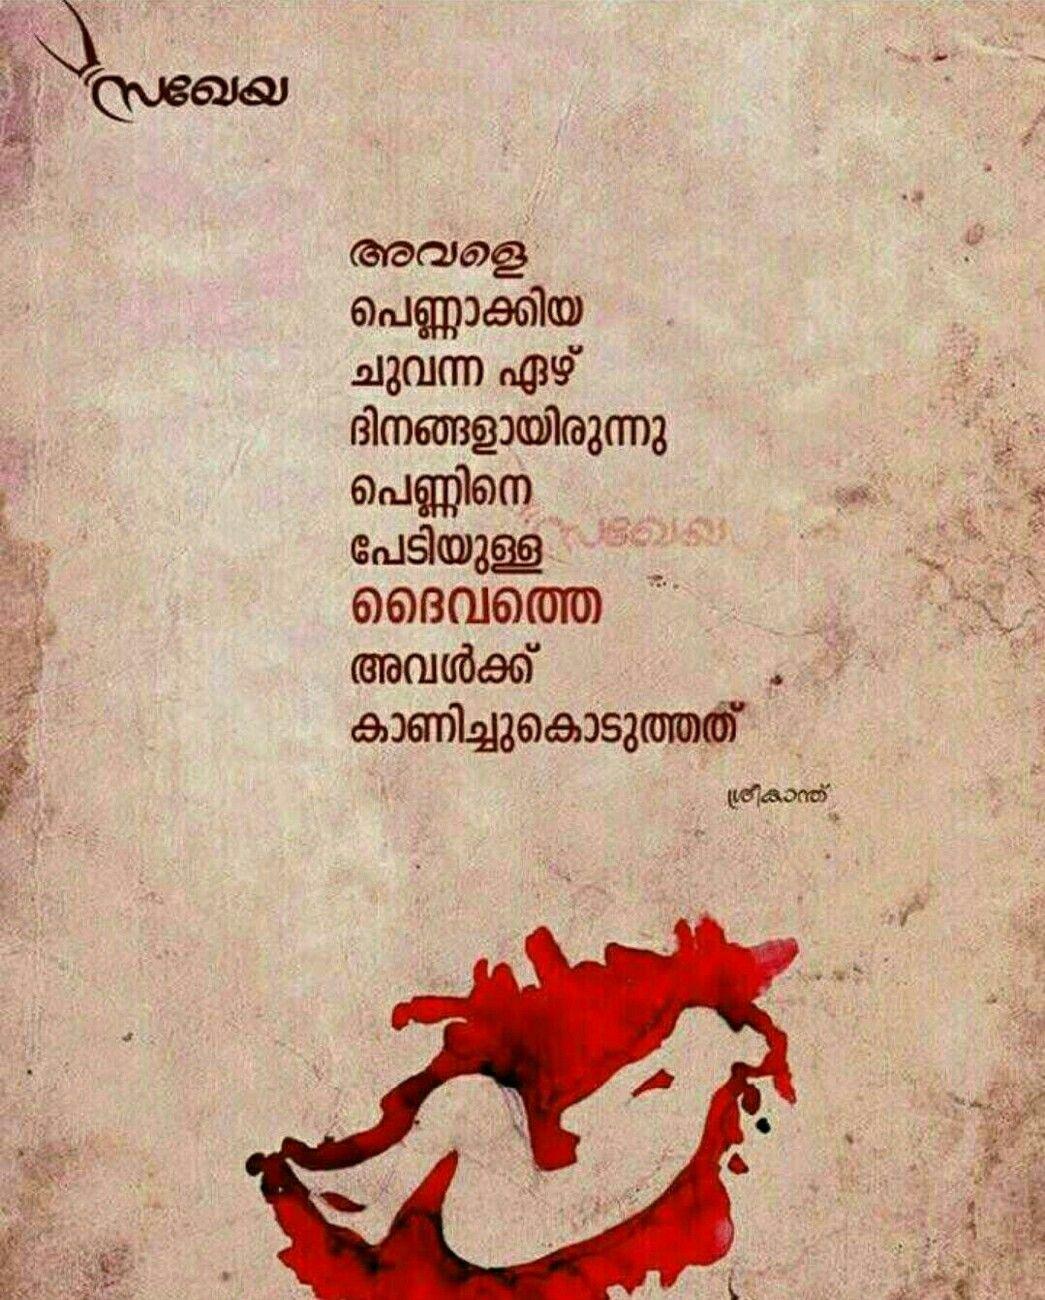 Alllathe Pinne Enda Parayaaa Malayalam Quotes Motivatinal